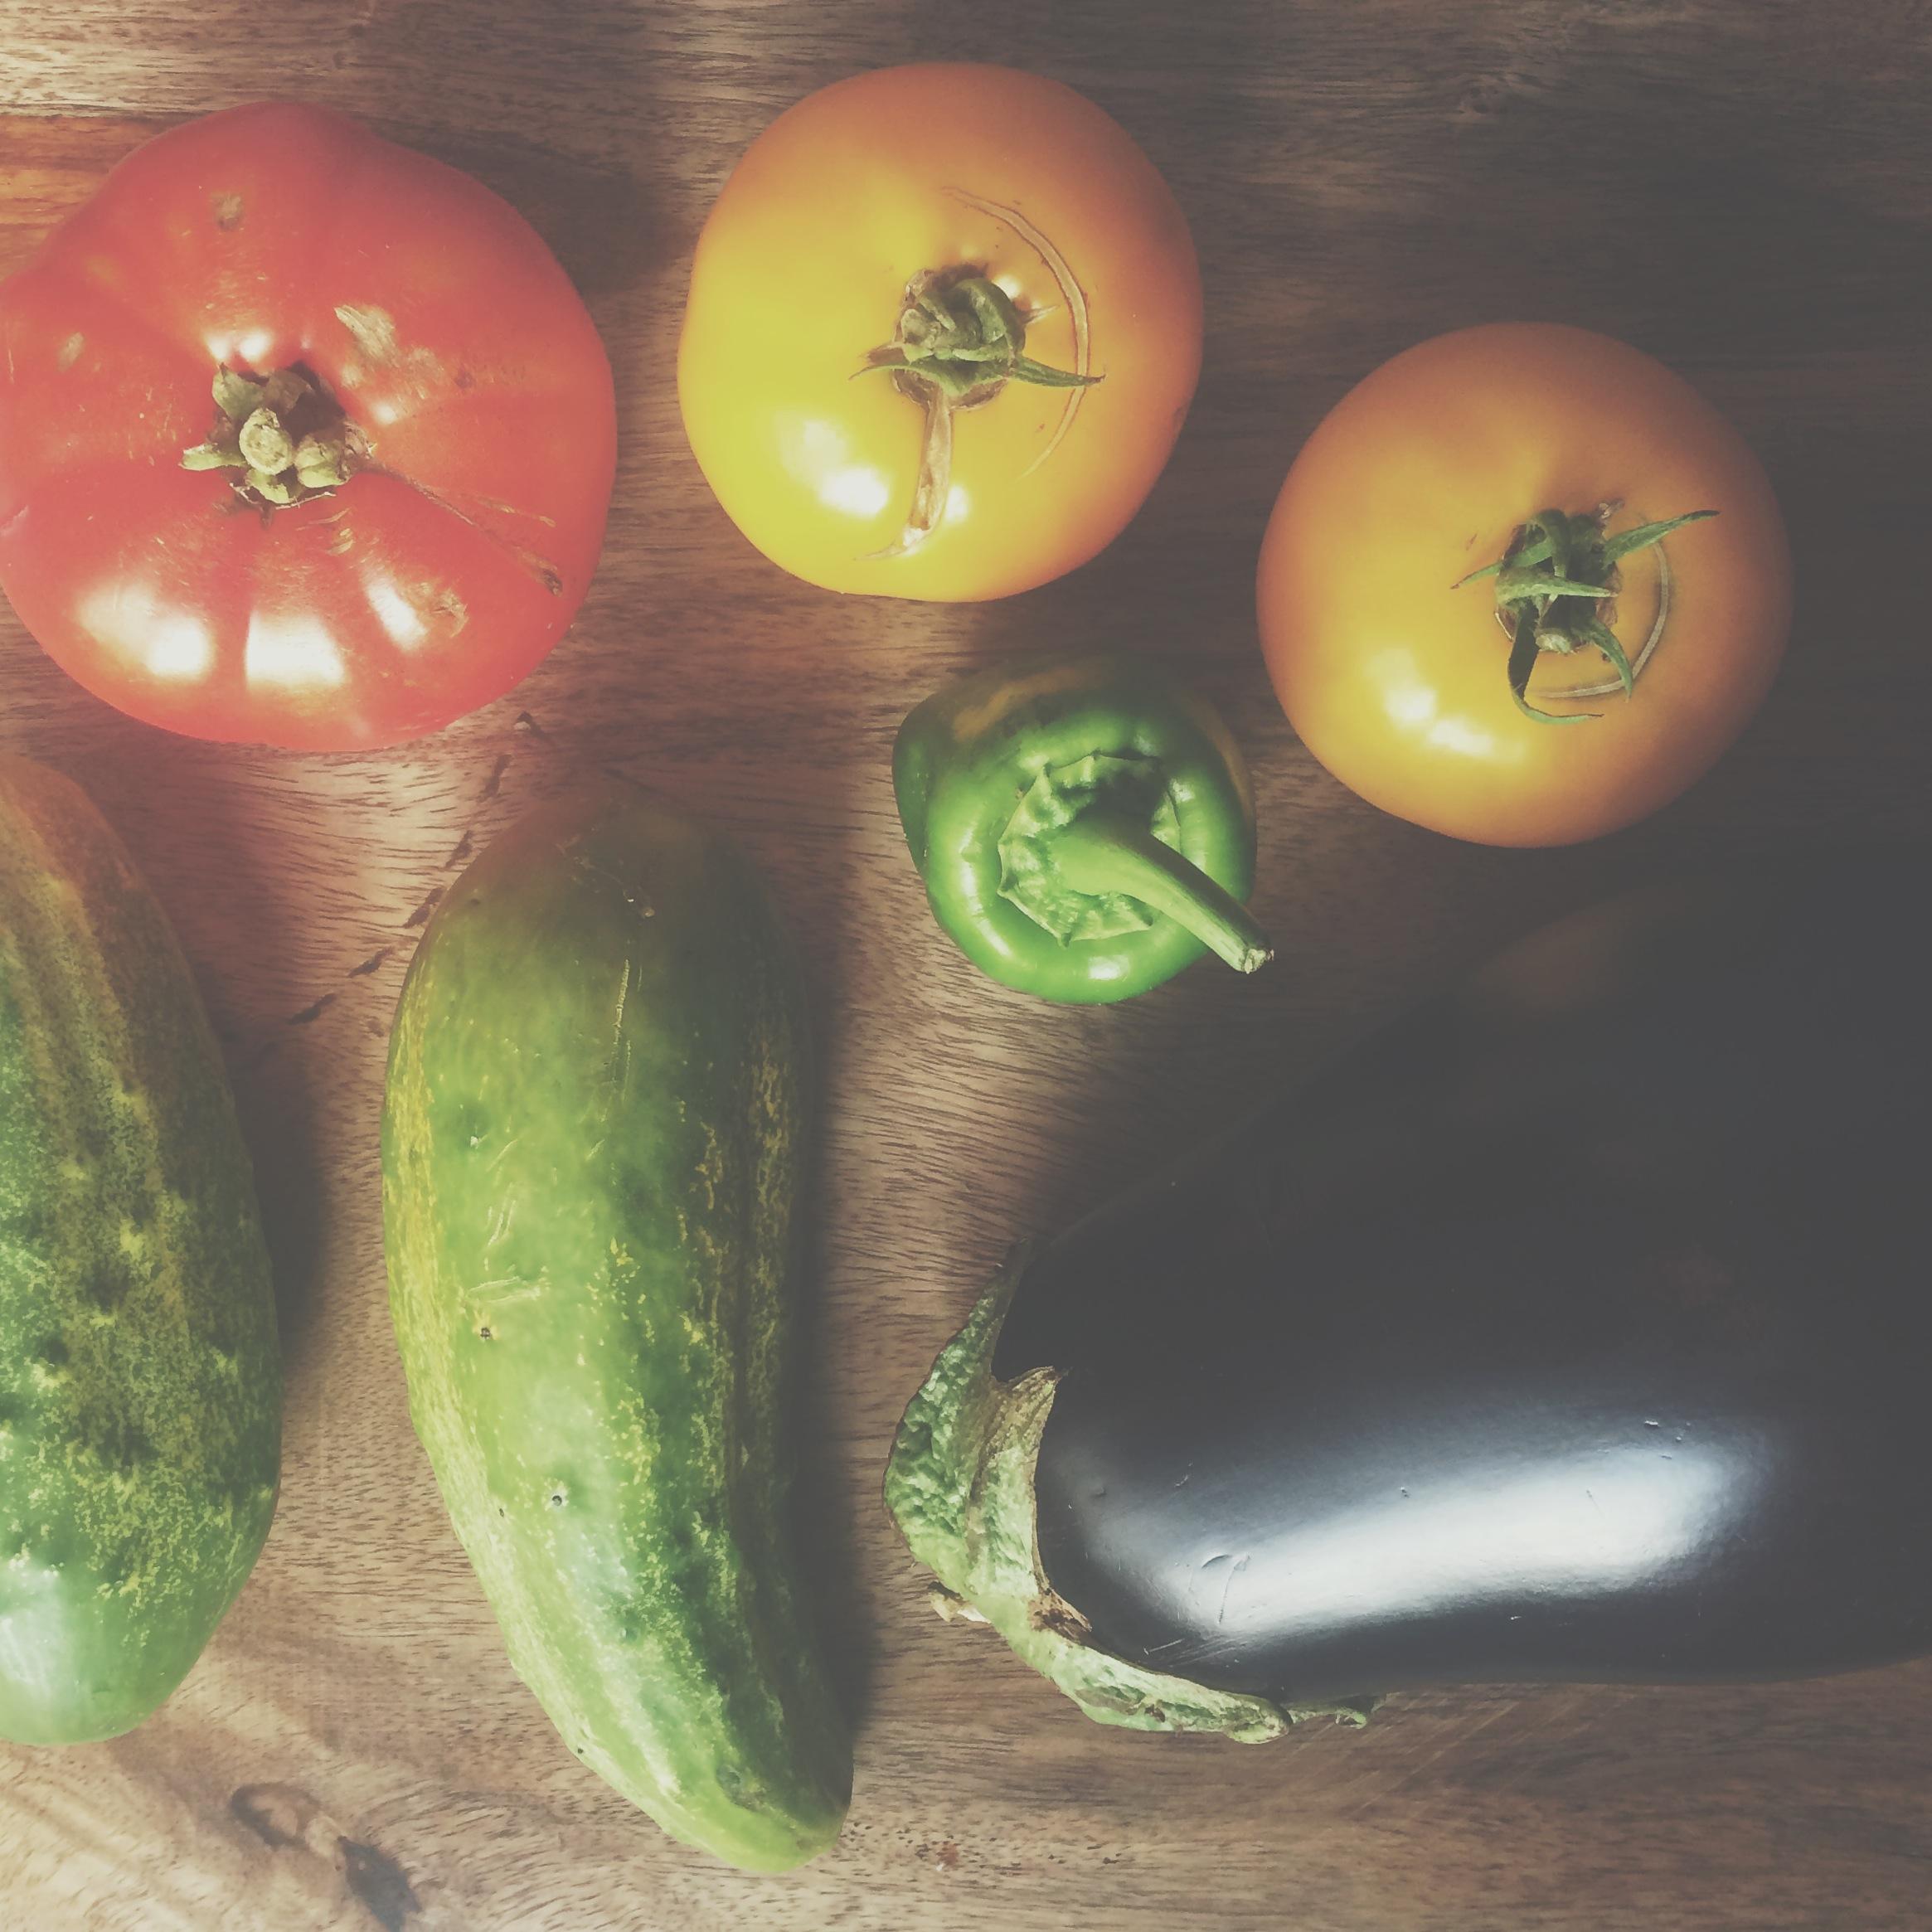 Our friend, the farmer's, produce